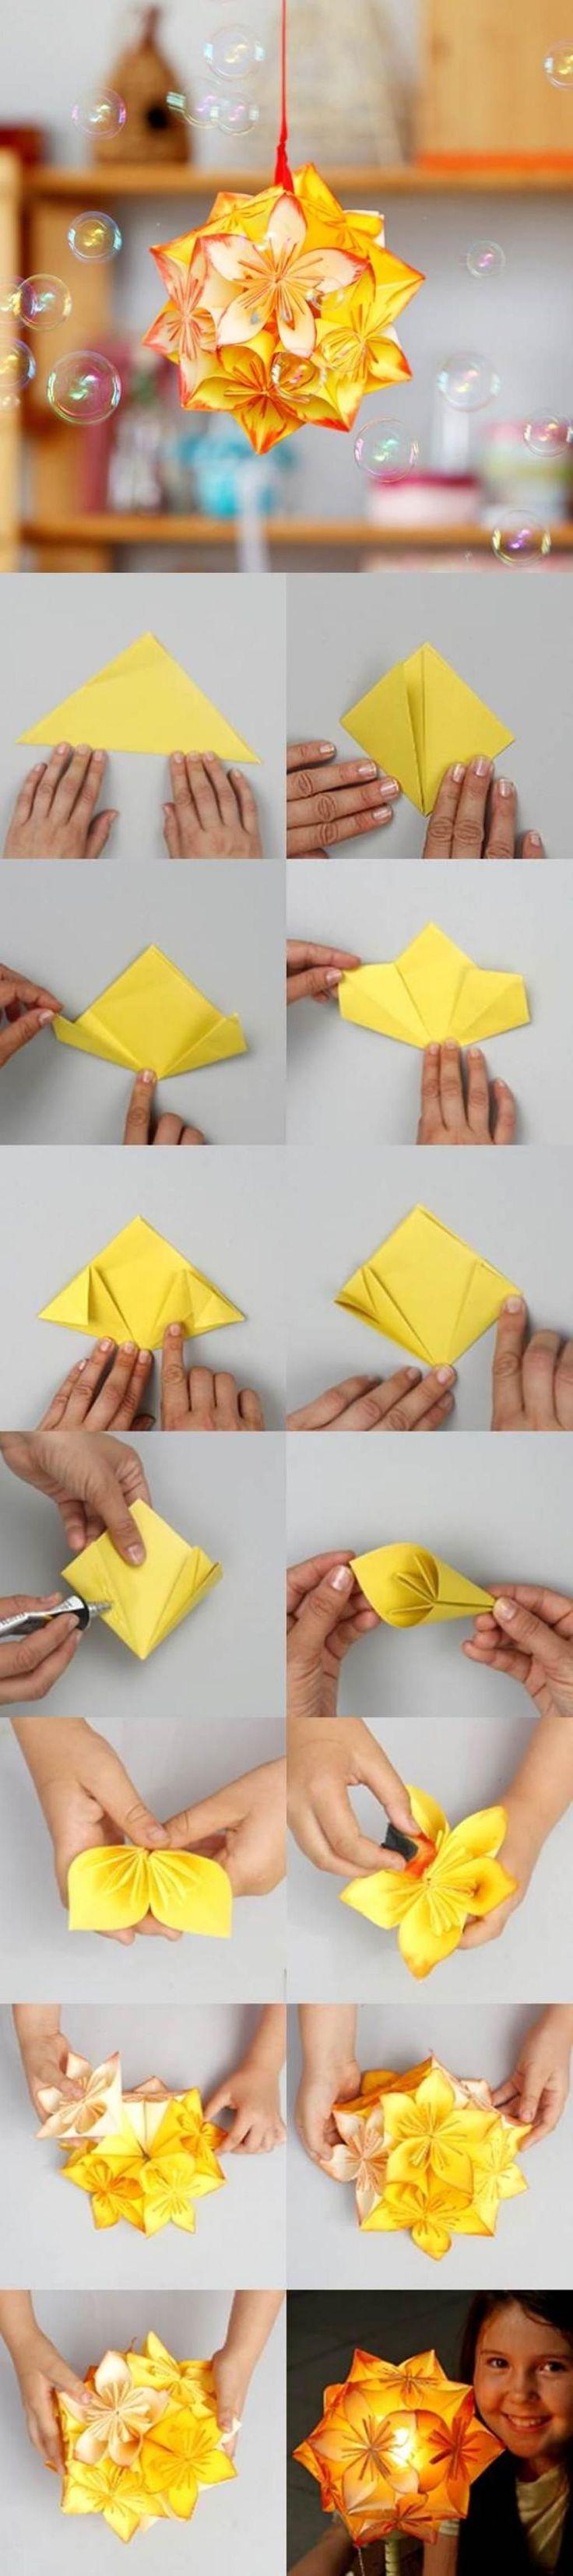 Je viens tout juste de l'essayer! Et c'est vraiment facile!! Vous aurez besoin de quelques morceaux de papier coupés en carré et n'aurez qu'à suivre les étapes sur les photos, facile et rapide à faire, tellement que les enfants pourront en faire ave